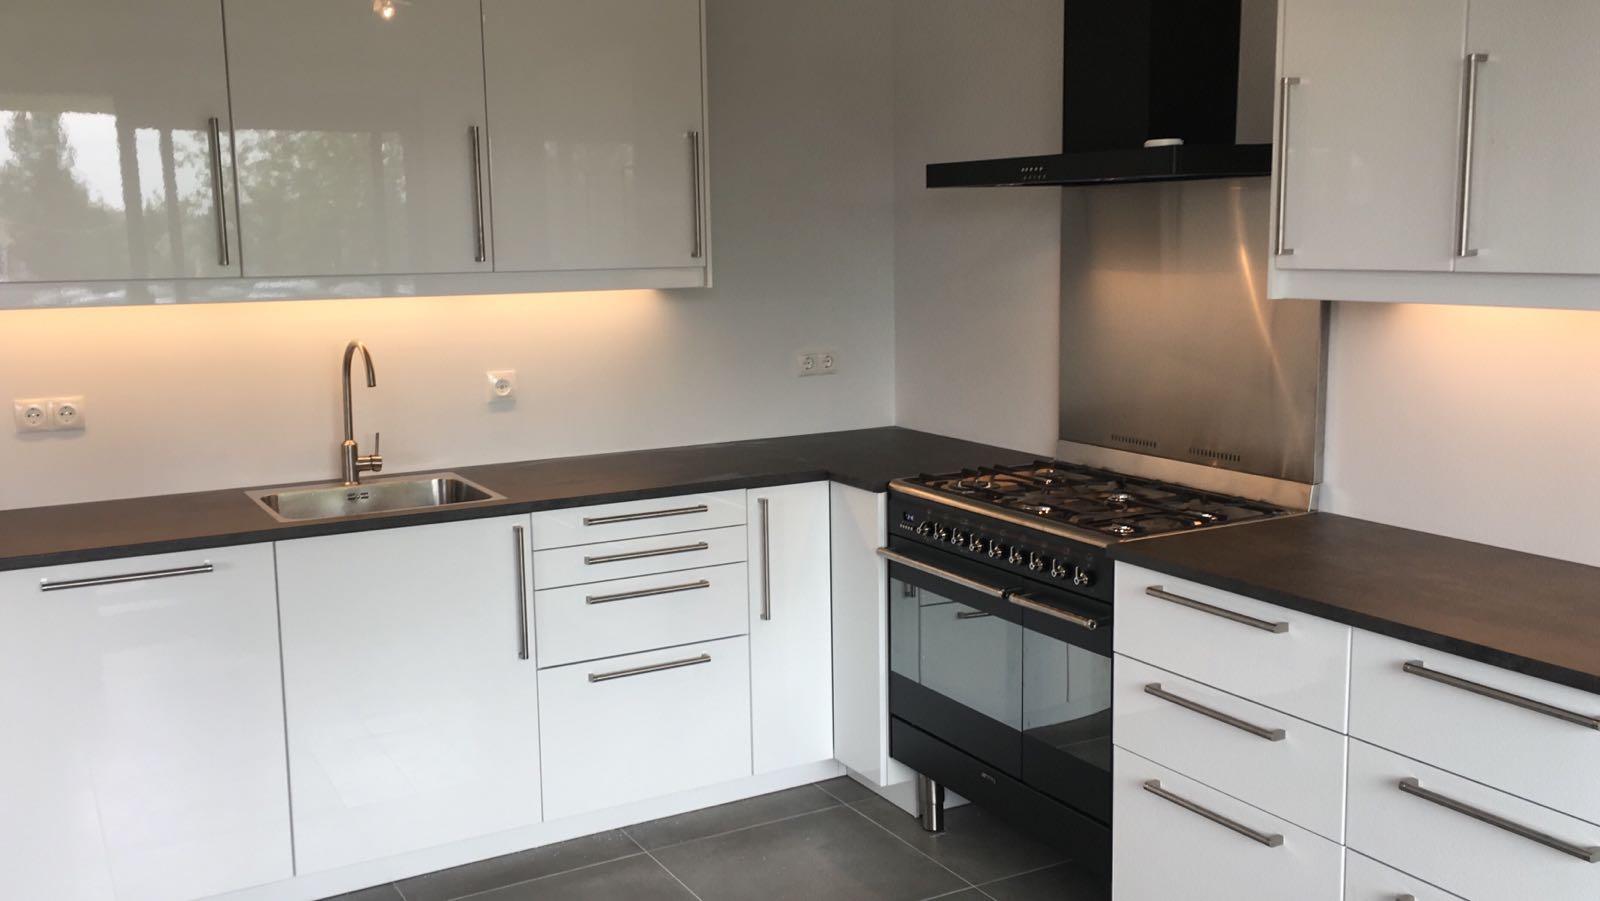 Ikea Keuken Installeren : Ikea keuken met smeg apparatuur monteren marco rietdijk keukenmontage